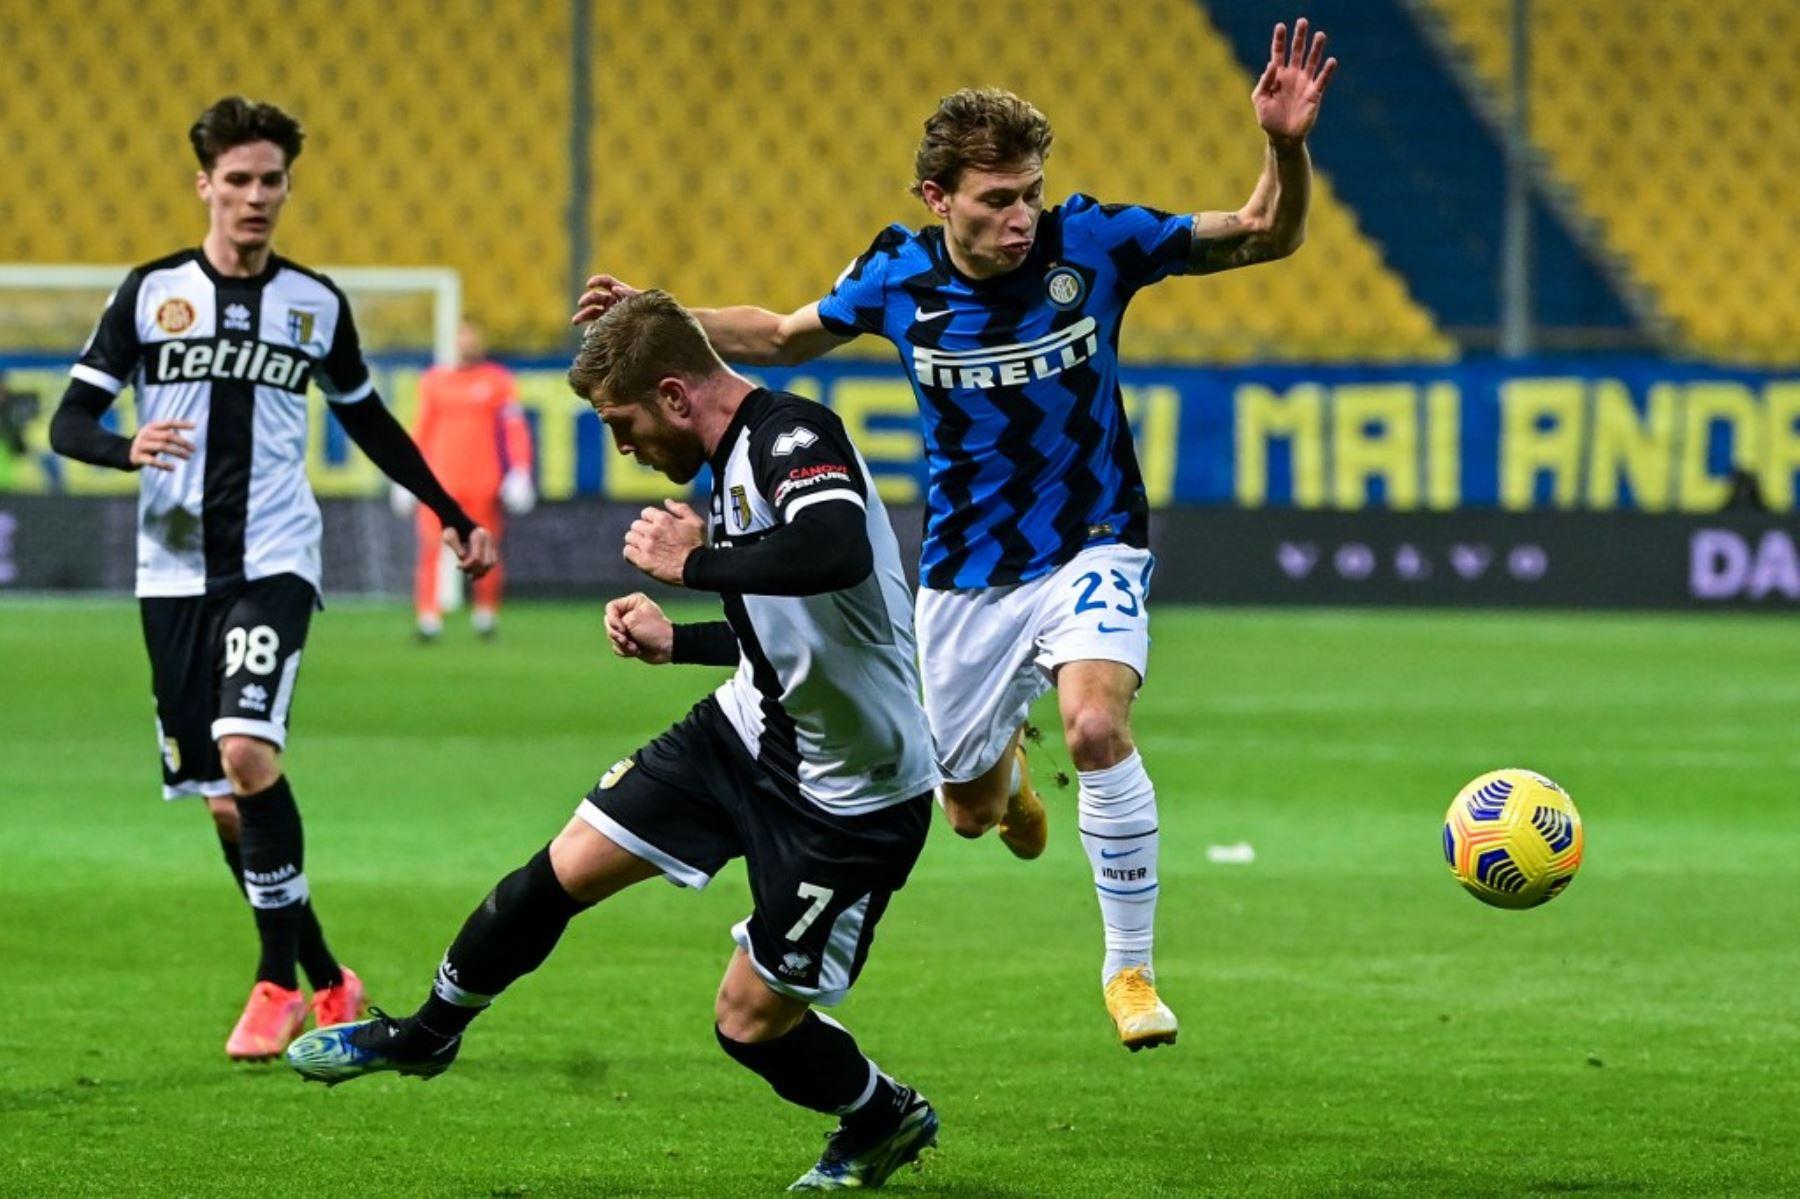 El centrocampista italiano del Inter de Milán Nicolo Barella (R) y el defensor italiano sueco de Parma Riccardo Gagliolo van por el balón durante el partido de fútbol de la Serie A italiana Parma vs Inter de Milán el 04 de marzo de 2021 en el estadio Ennio-Tardini de Parma. Foto: AFP